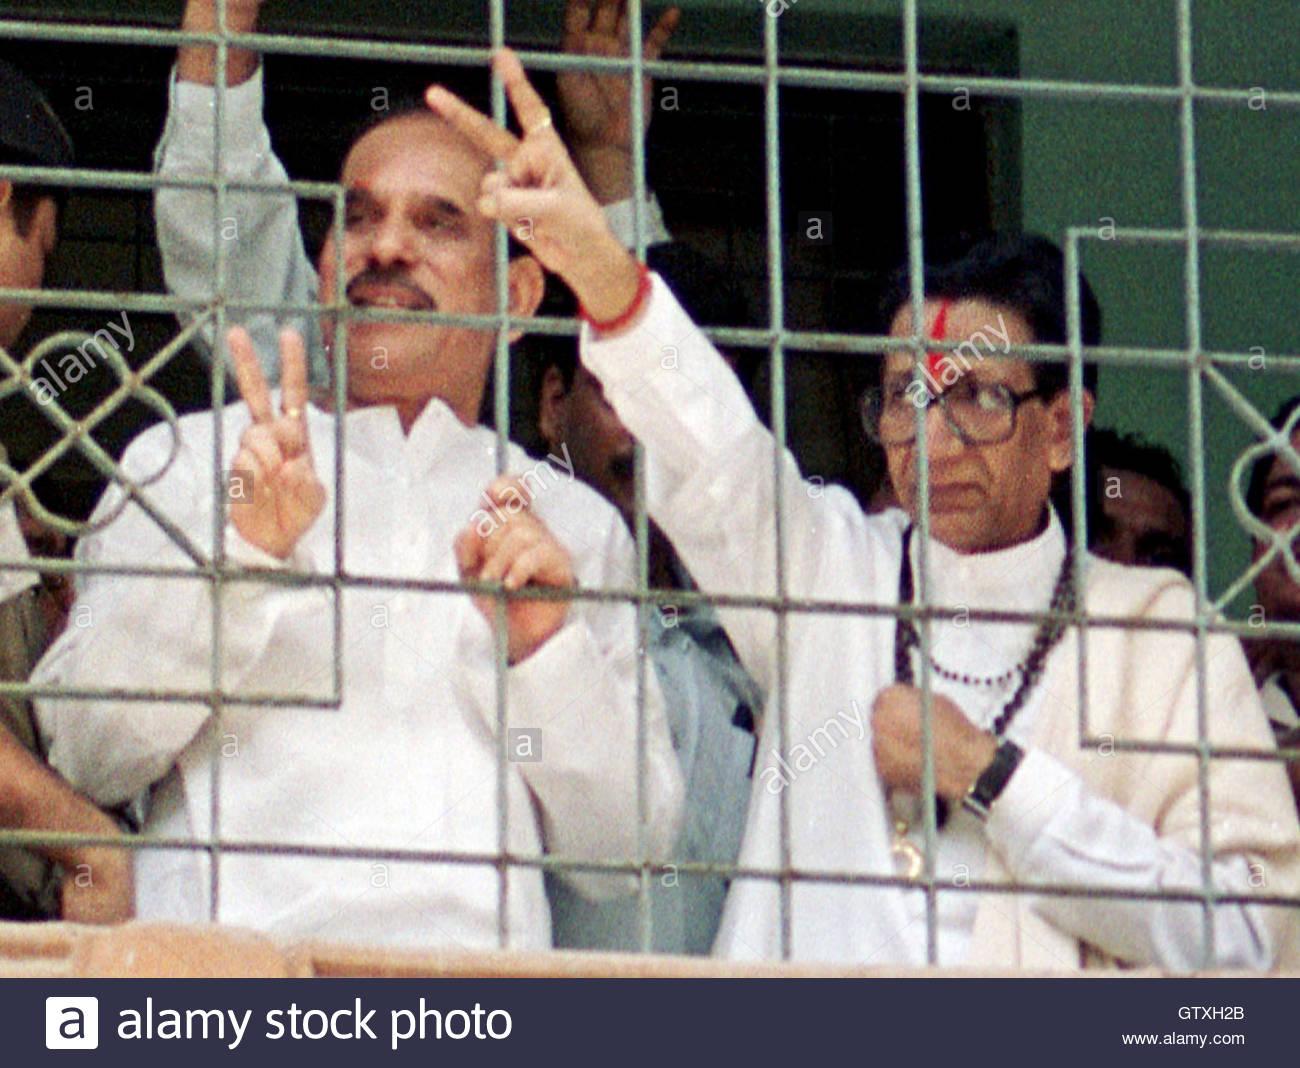 bala thackeray in court के लिए चित्र परिणाम